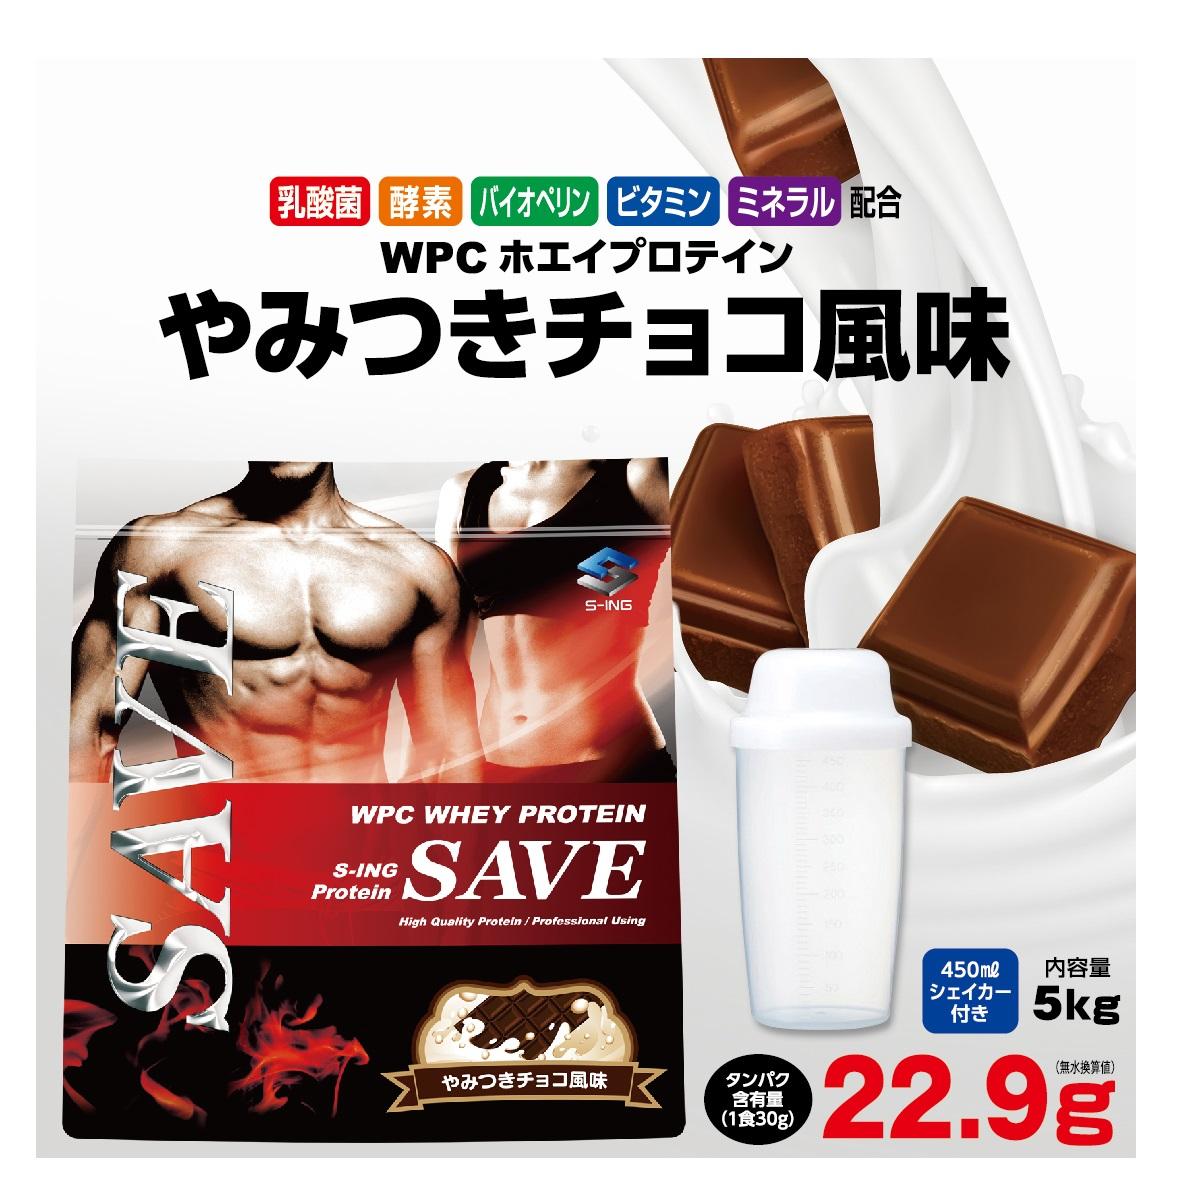 激安 ホエイプロテイン 【送料無料】 【シェイカー付】SAVE プロテイン やみつきチョコ風味 5kg 美味しいWPC 乳酸菌・バイオペリン・エンザミン酵素配合